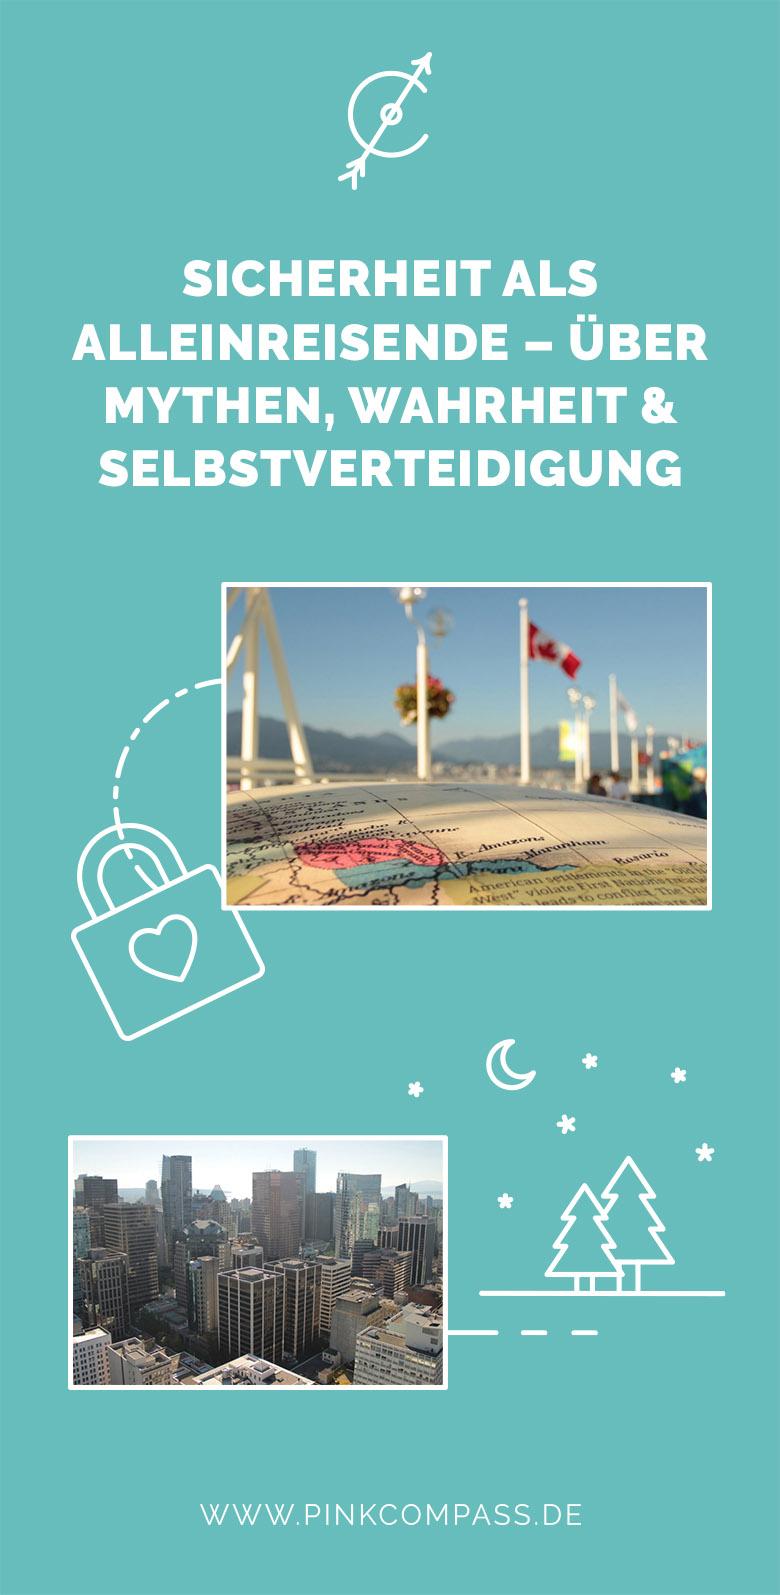 Urlaub alleine - Die besten Tipps zur Sicherheit